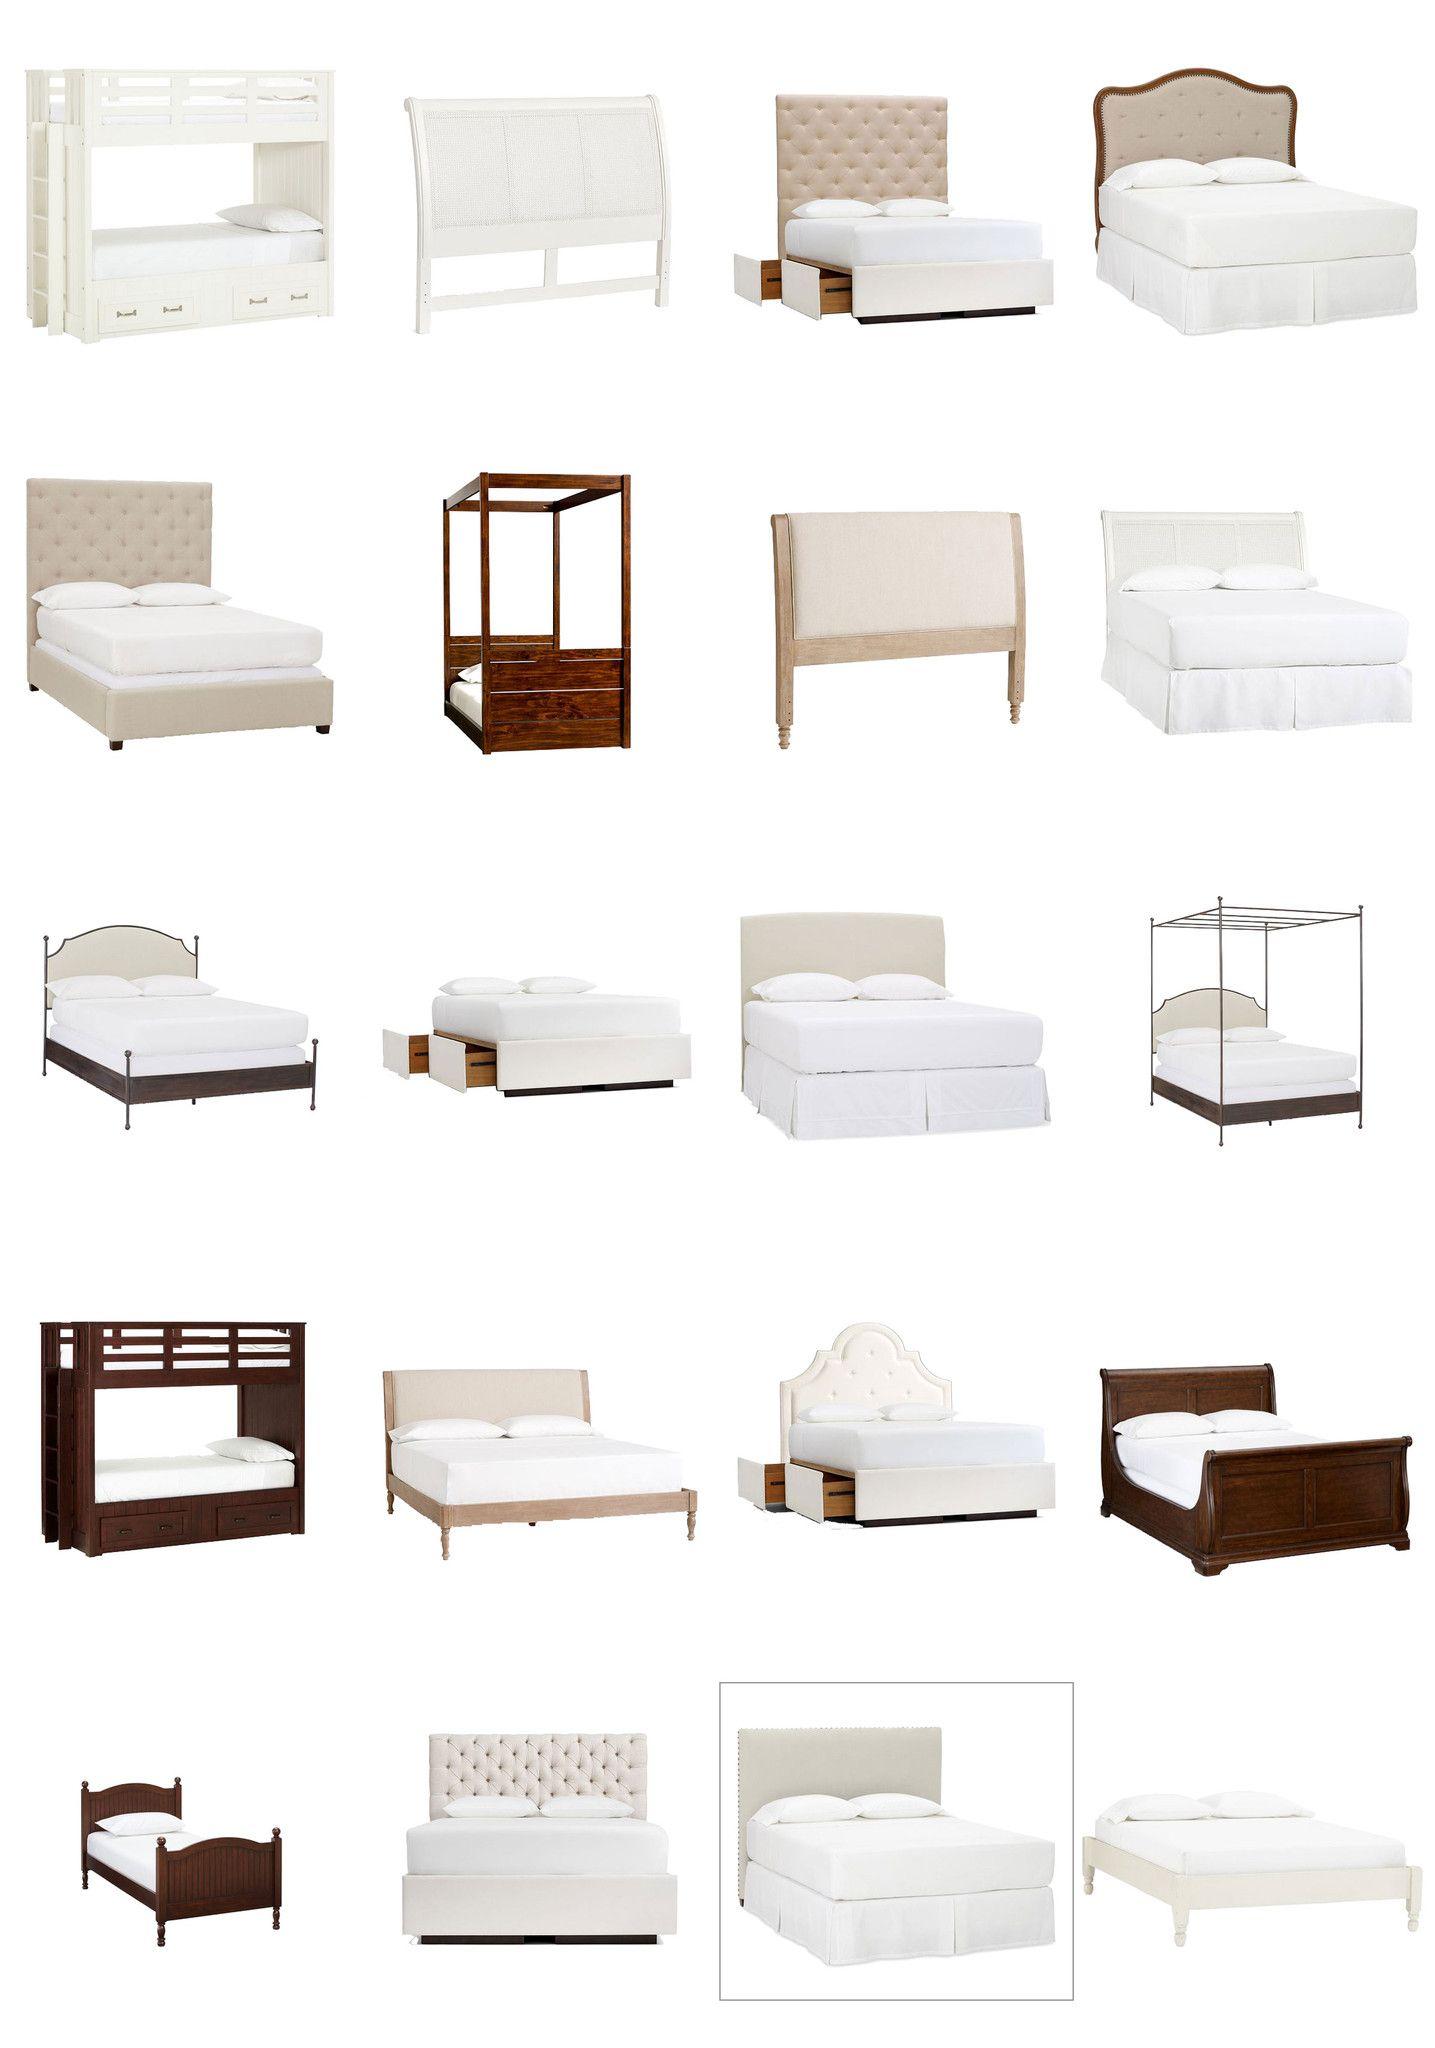 PSD Bed Blocks V1 CAD Design Free CAD Blocks